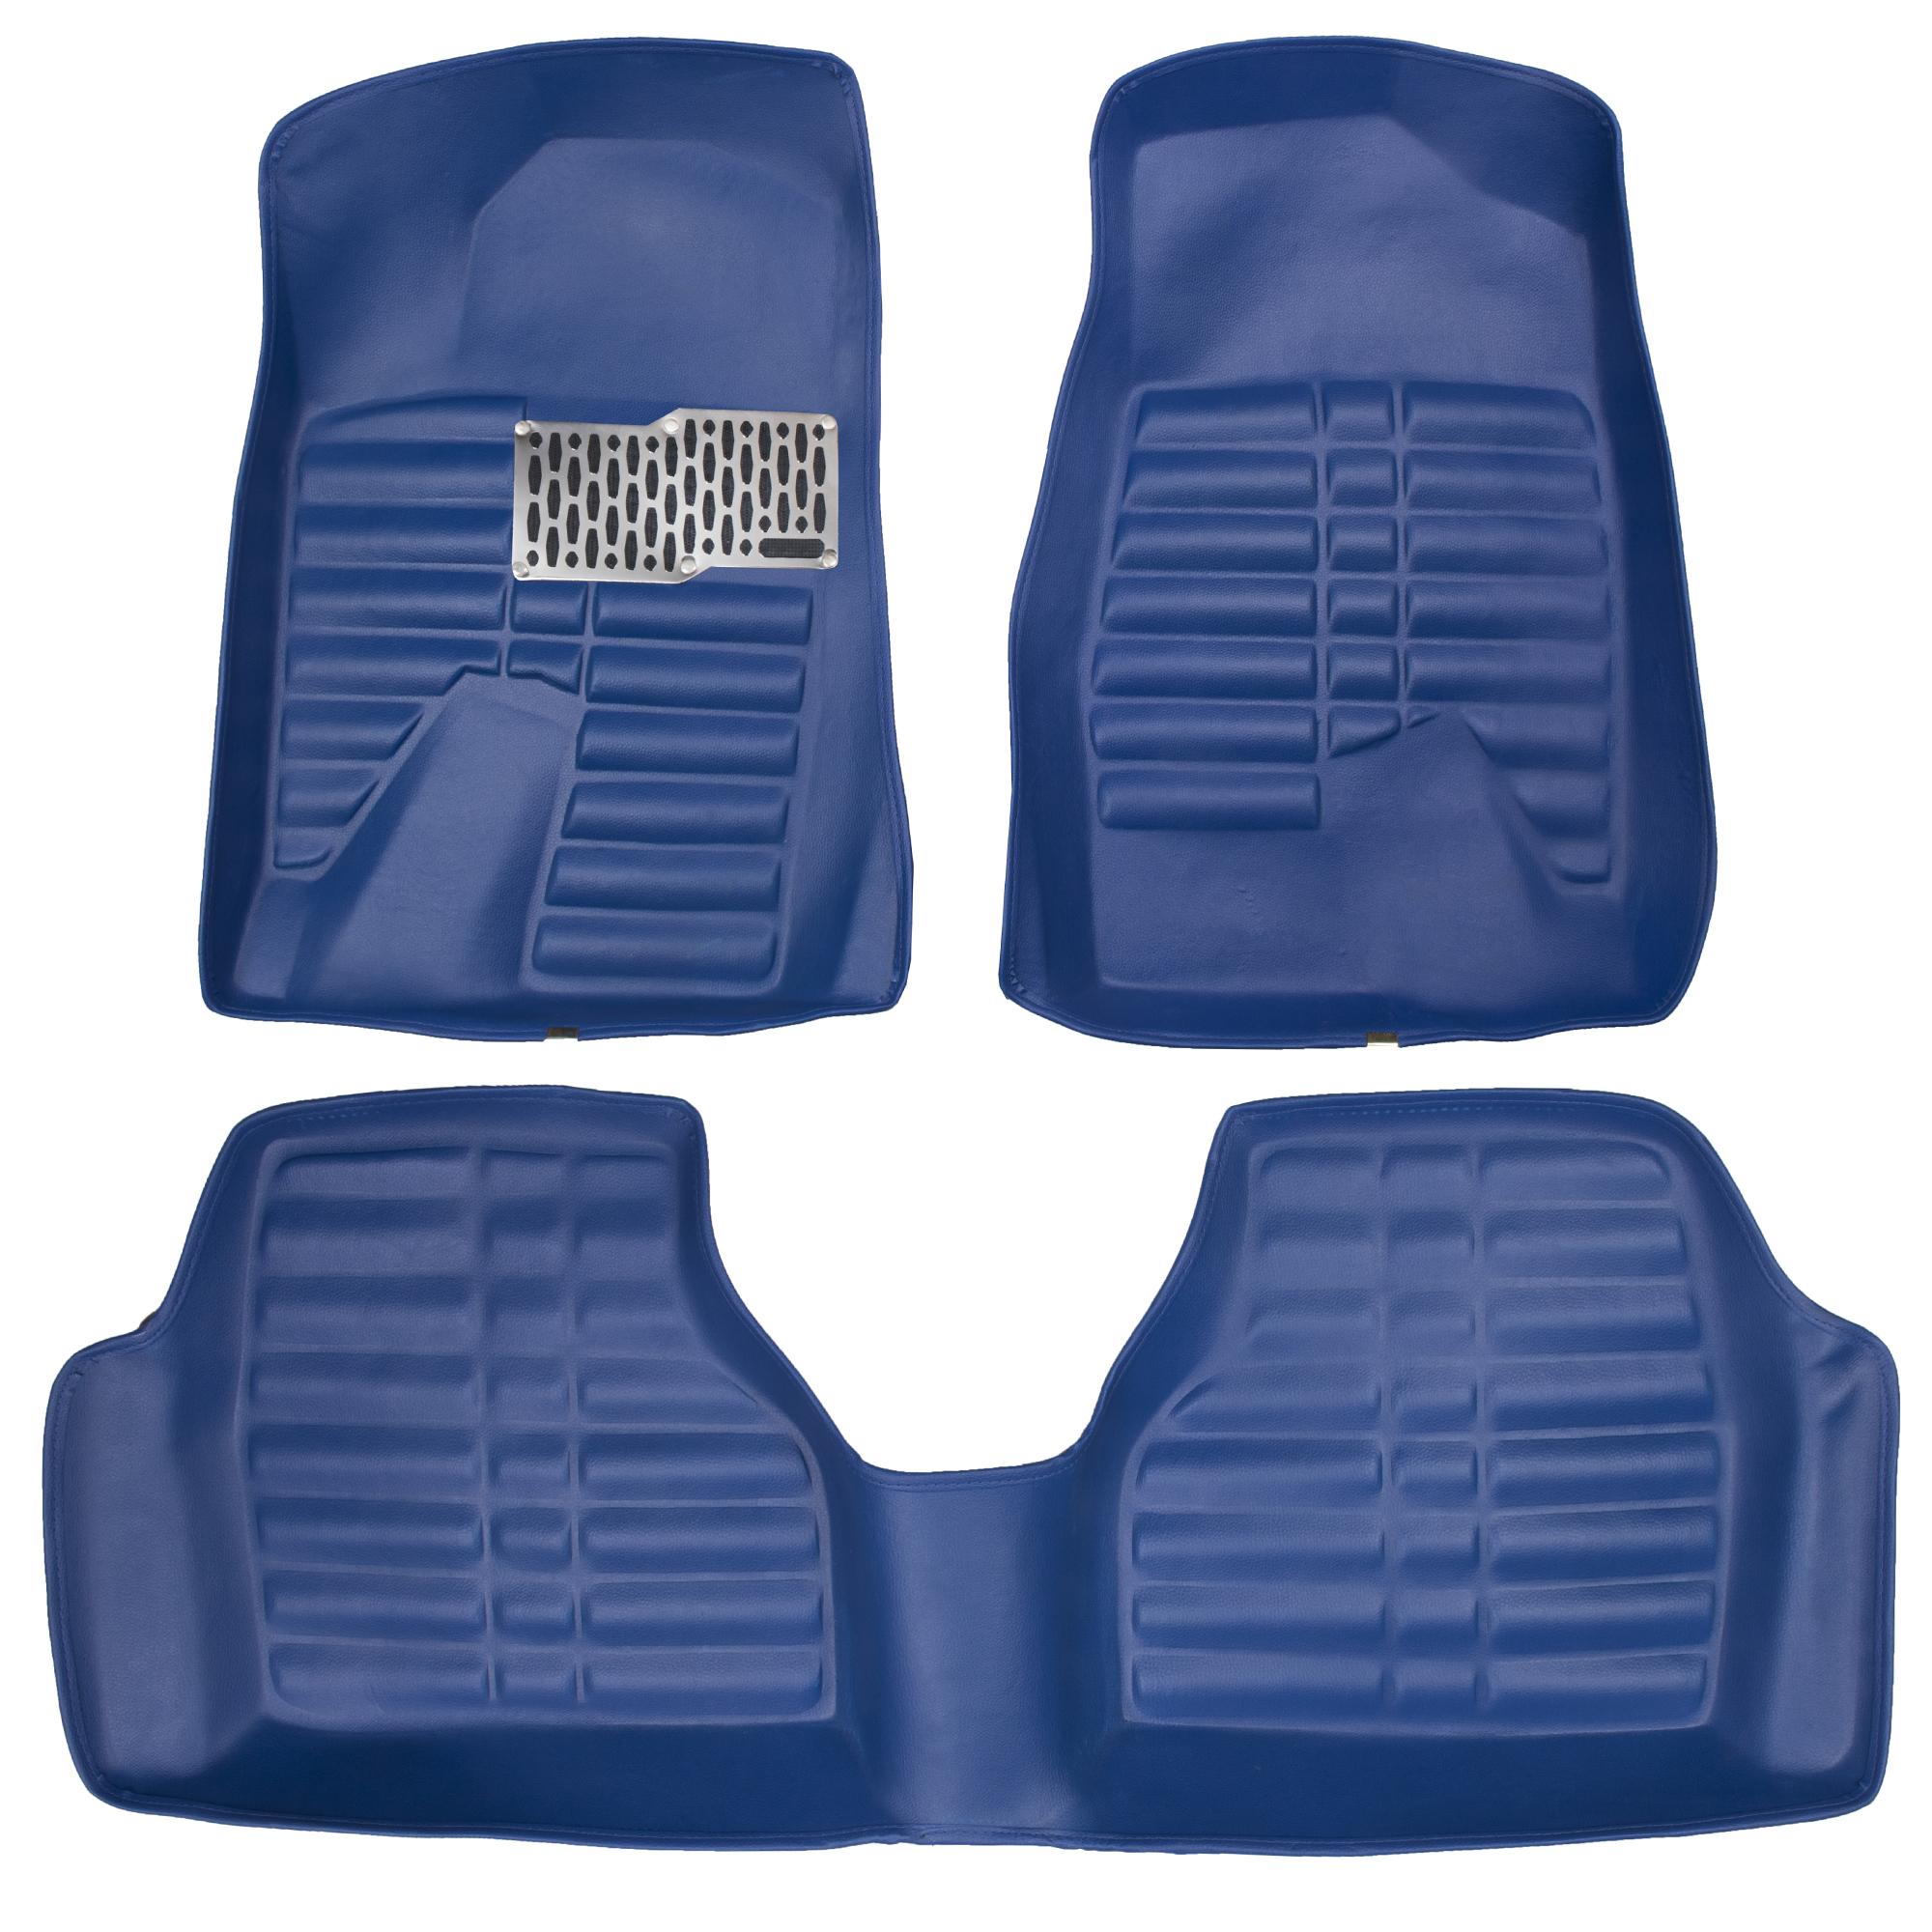 کفپوش سه بعدی خودرو Sport Car مدل P2 مناسب برای پژو 405، پرشیا، سمند و رانا thumb